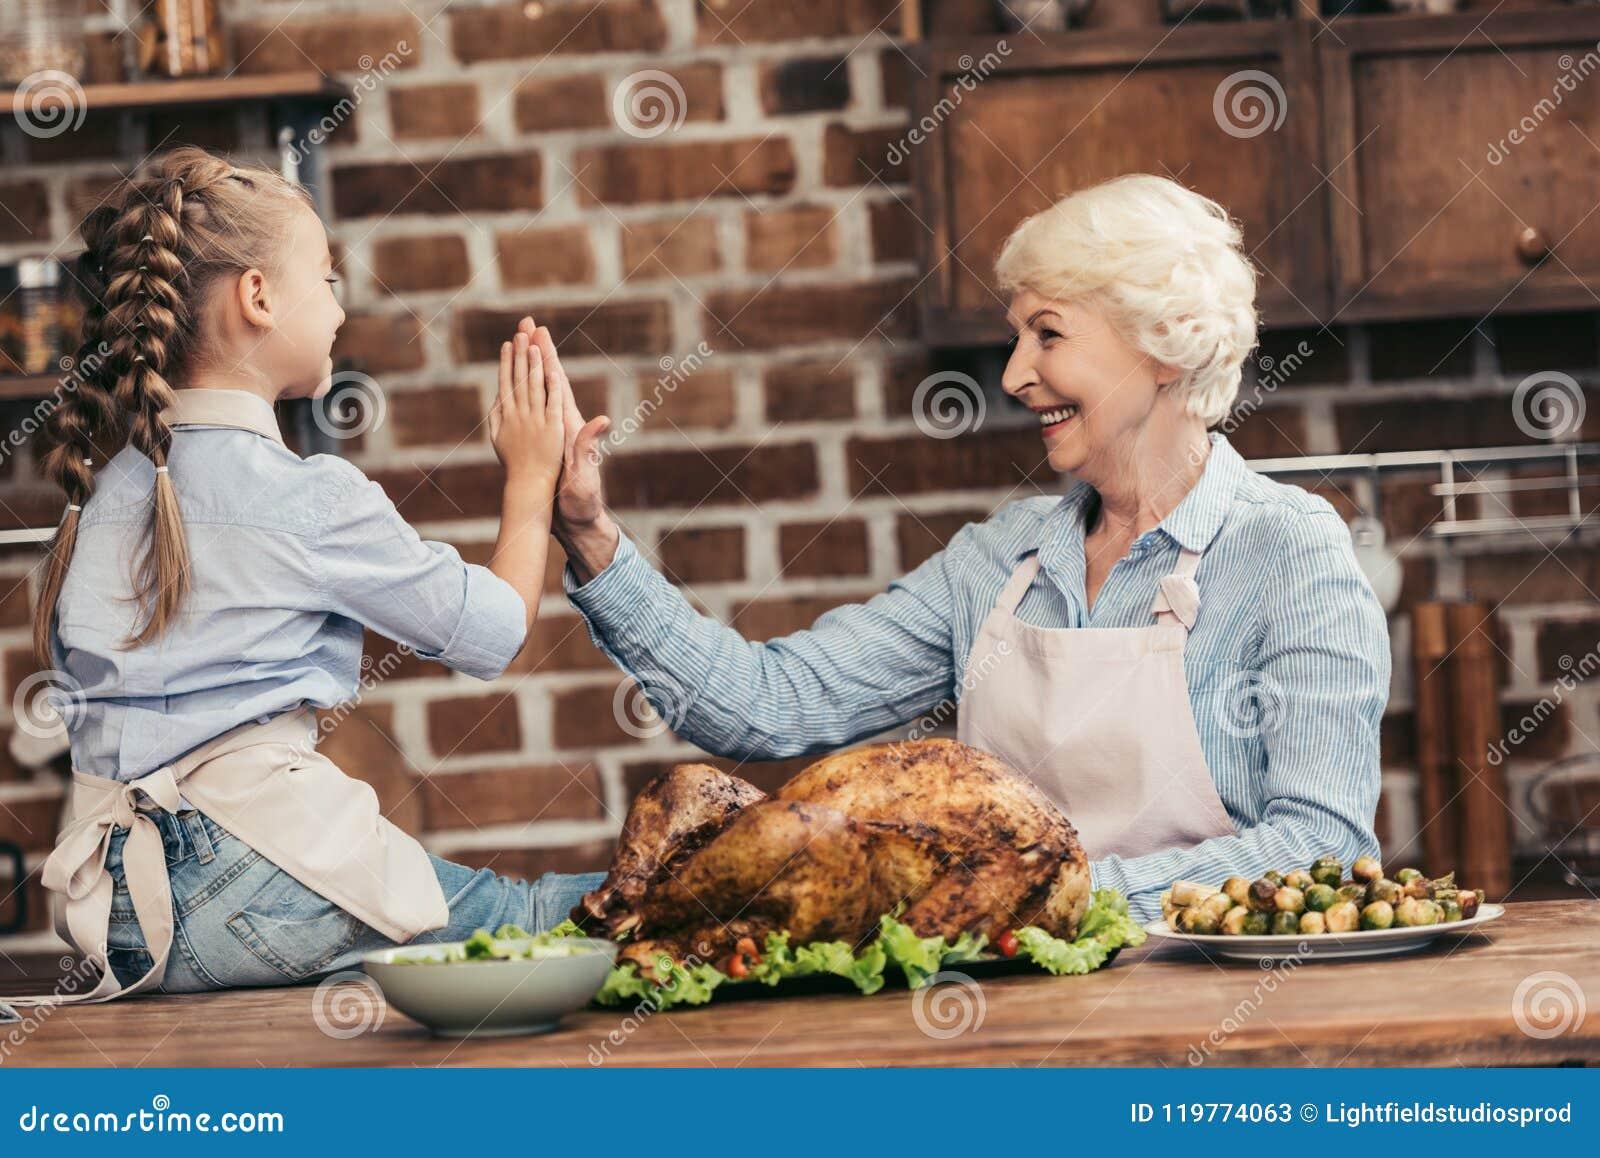 Grand-mère heureuse et petite-fille donnant la haute cinq le thanksgiving après réussi